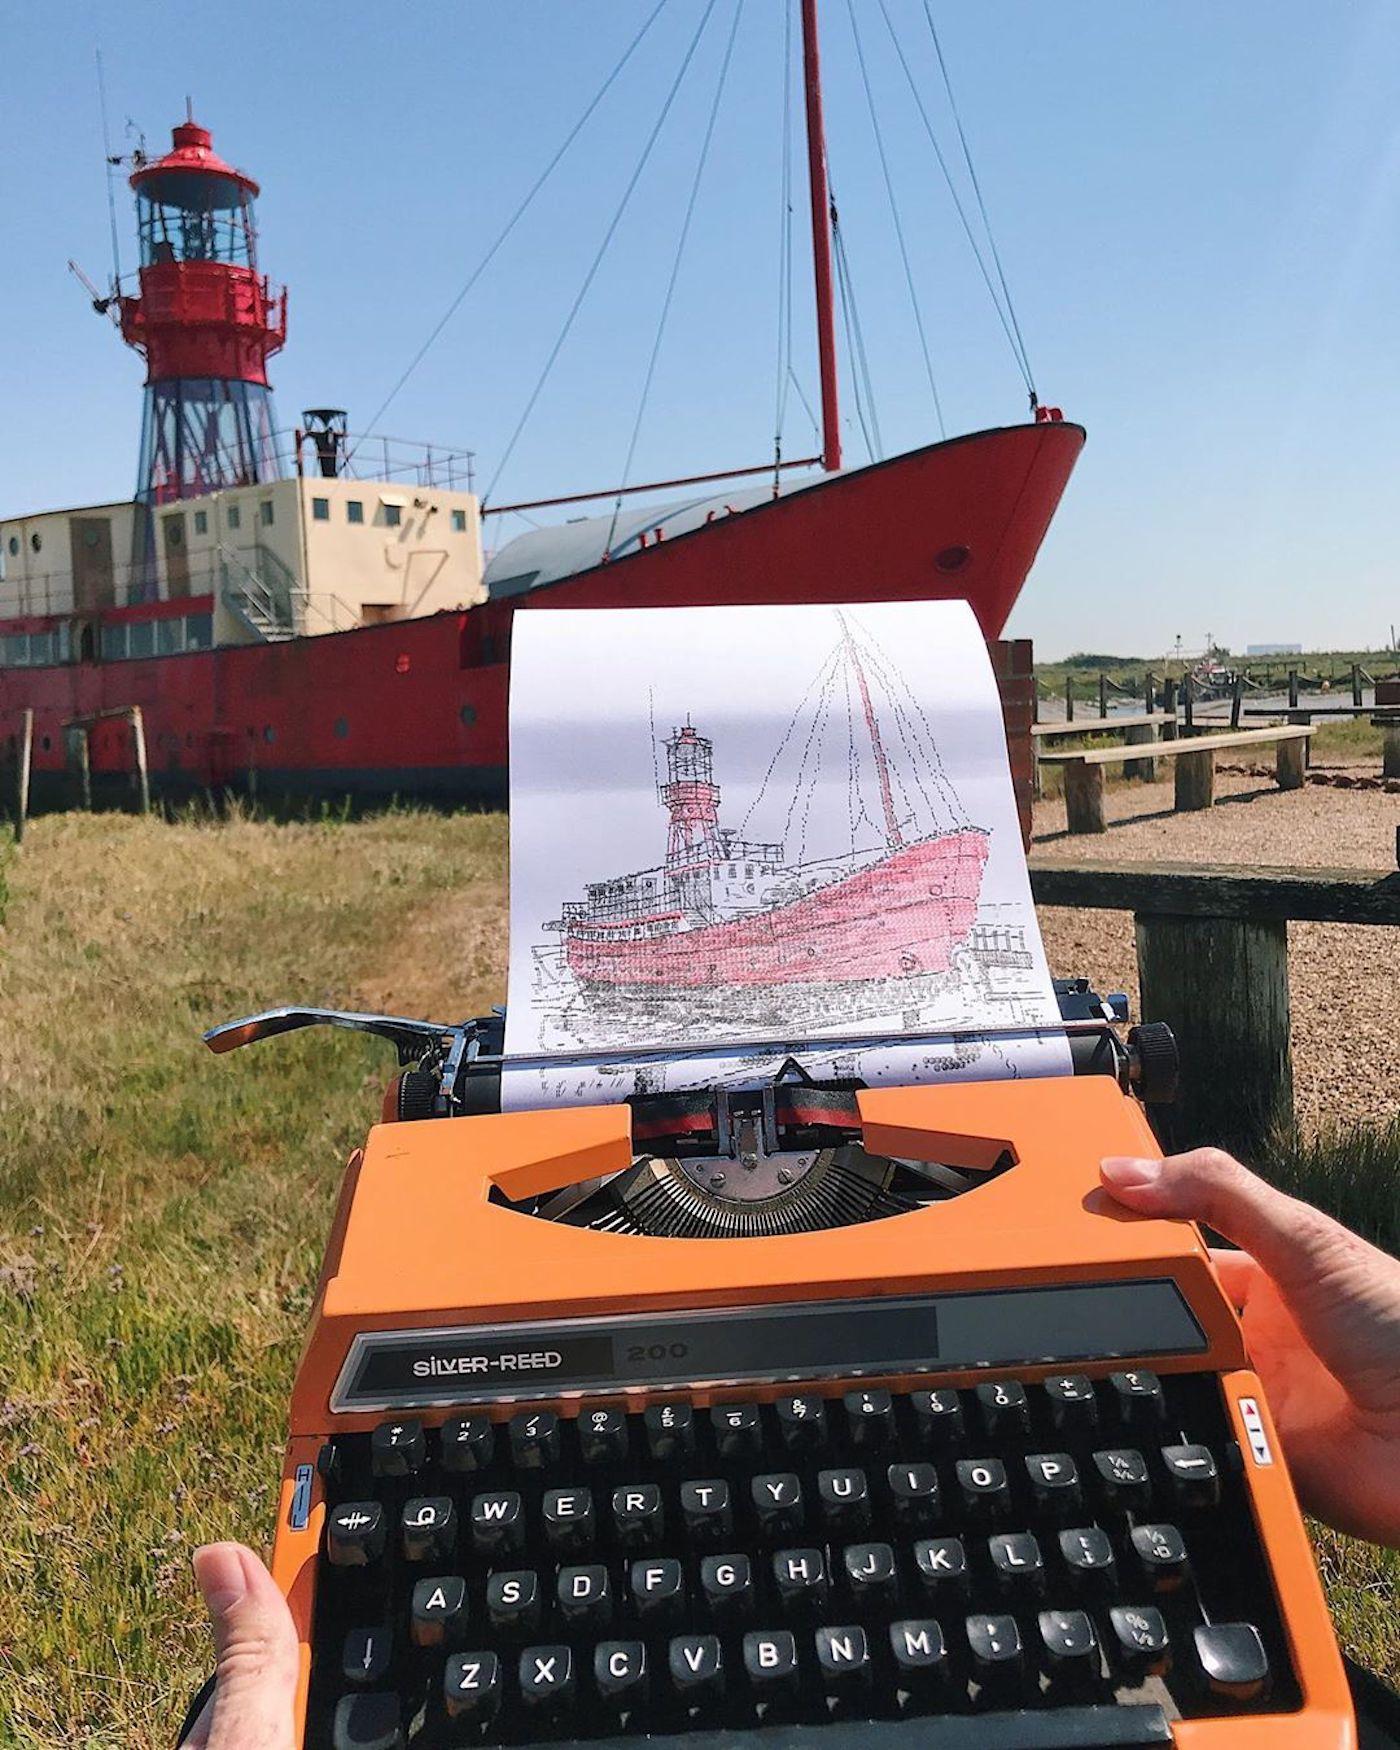 L'artiste James Cook dessine en tapant sur sa machine à écrire